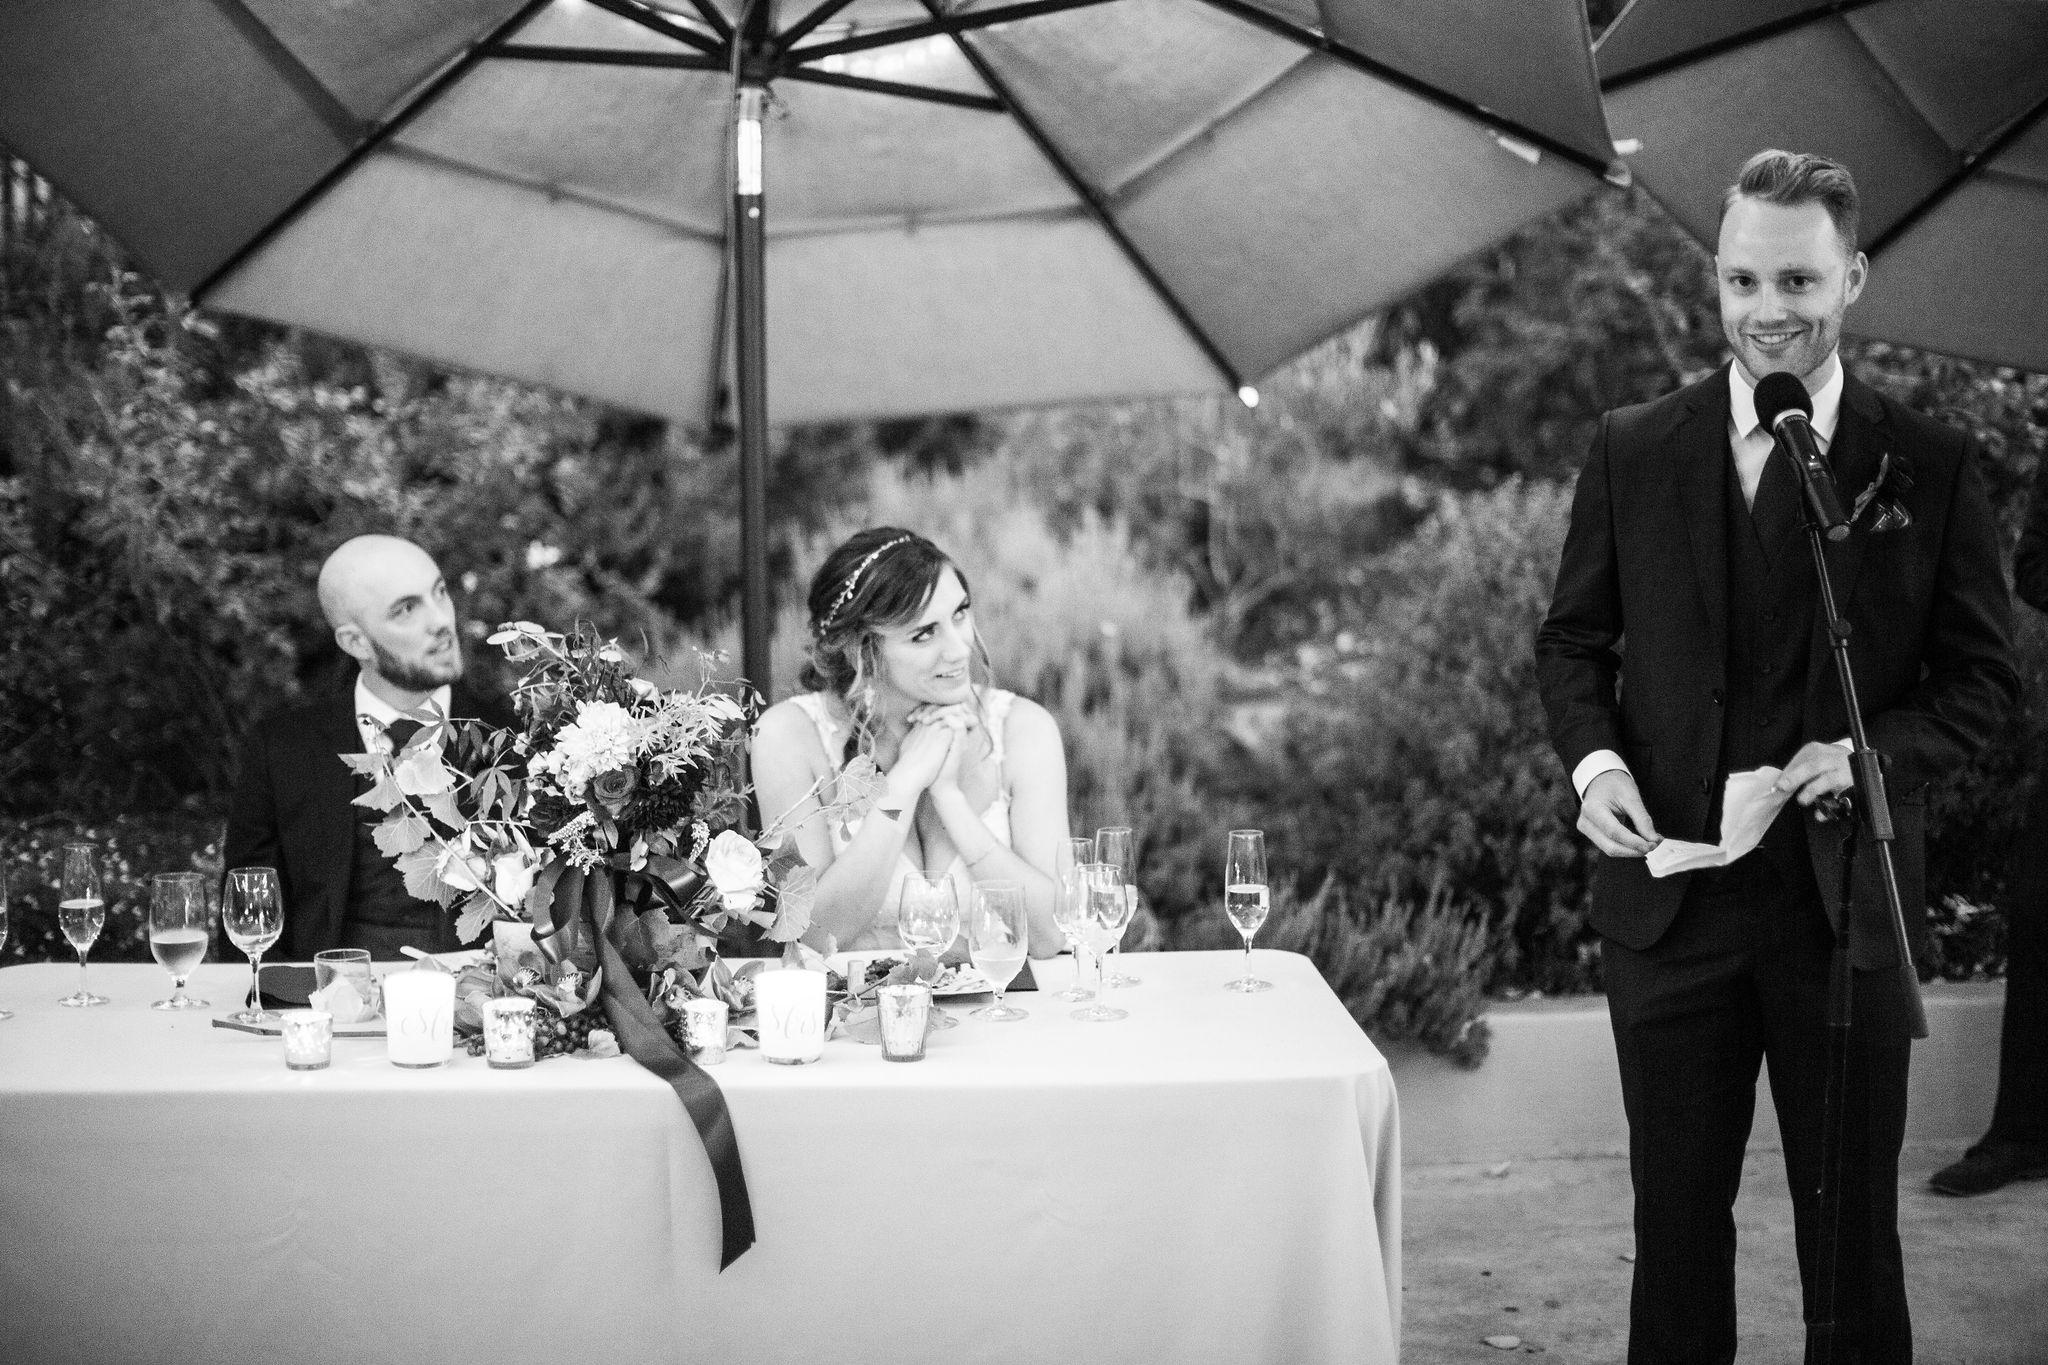 wedding-speeches-photography-san-francisco